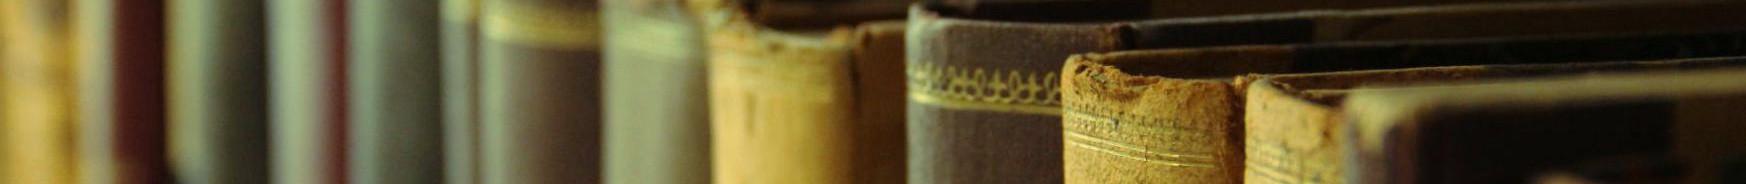 [In der Bibliothek]